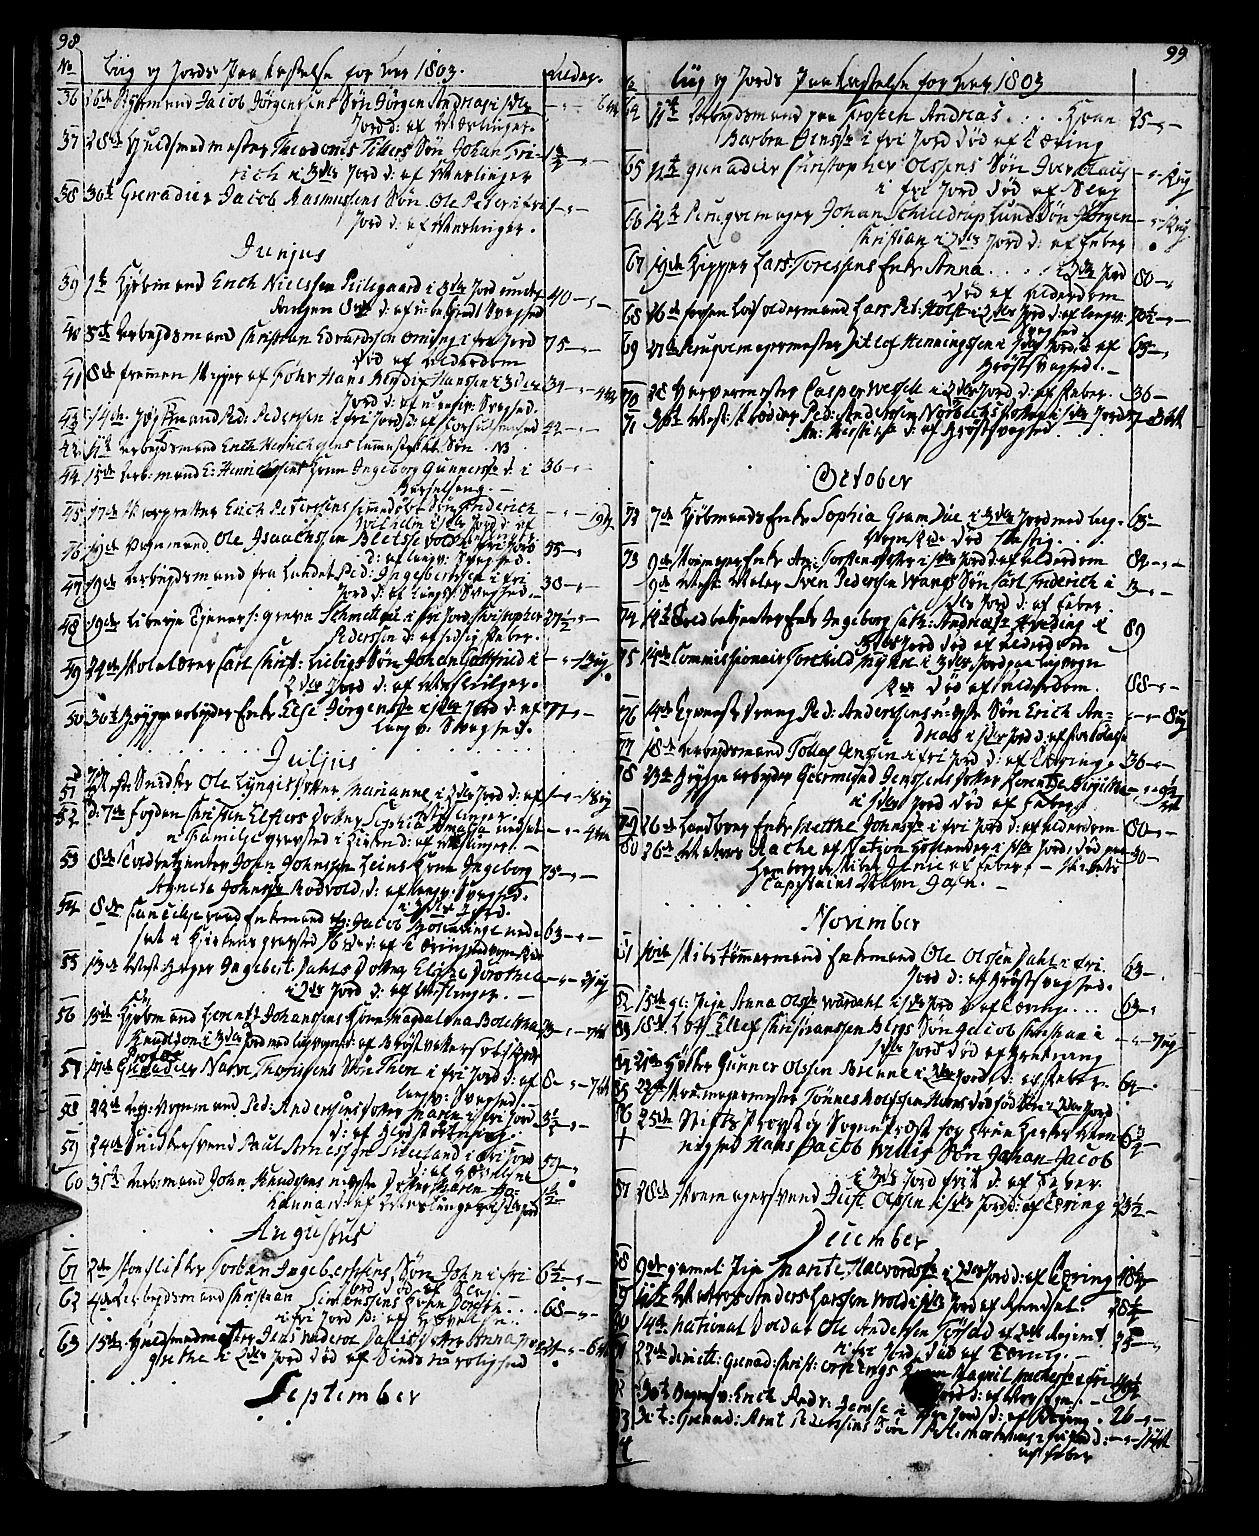 SAT, Ministerialprotokoller, klokkerbøker og fødselsregistre - Sør-Trøndelag, 602/L0134: Klokkerbok nr. 602C02, 1759-1812, s. 98-99